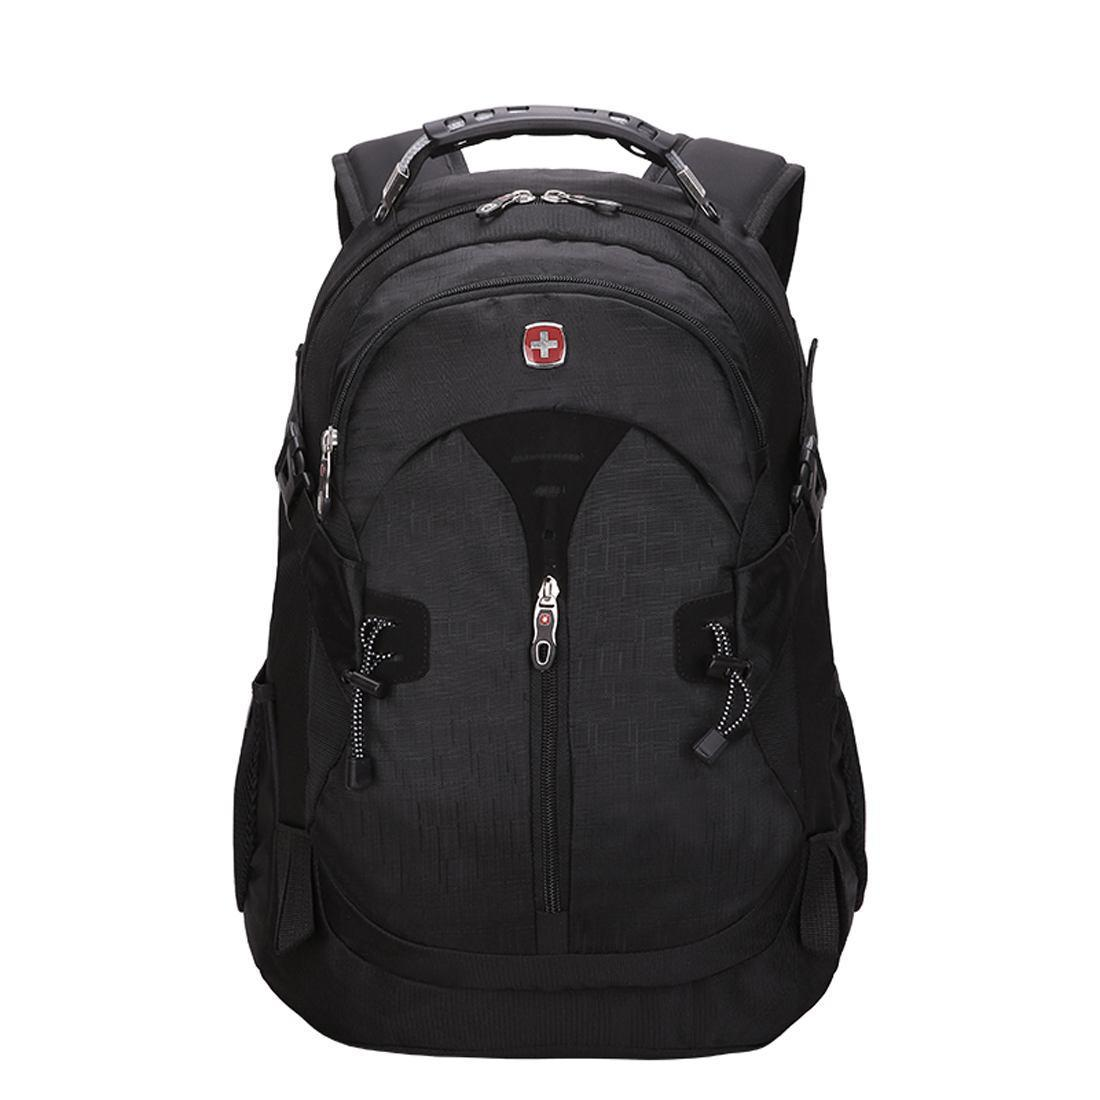 b169eb5bdc70 Рюкзак в стиле SwissGear Wenger черный и дождевик - PoliMAG в Киеве